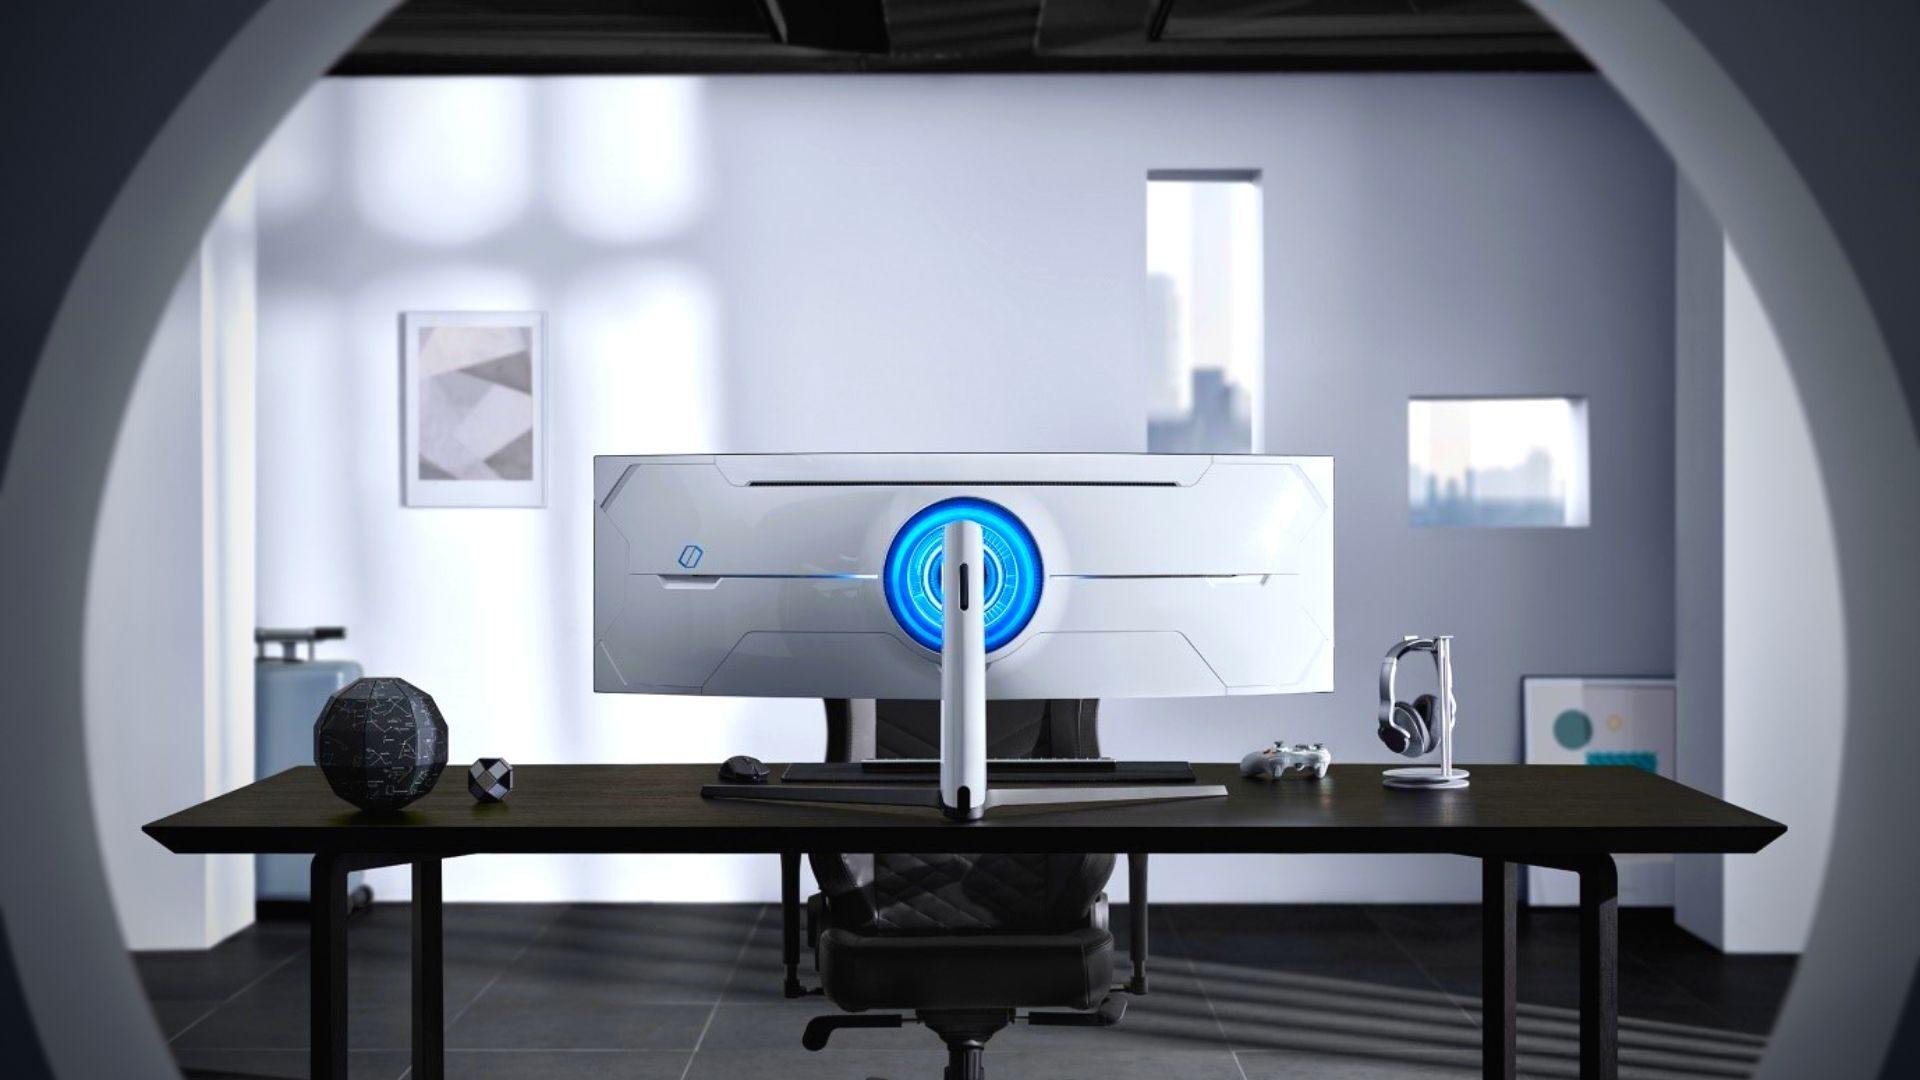 شاشات Samsung Odyssey G9 القادمة قد تحصل على شهادات DisplayHDR-2000!